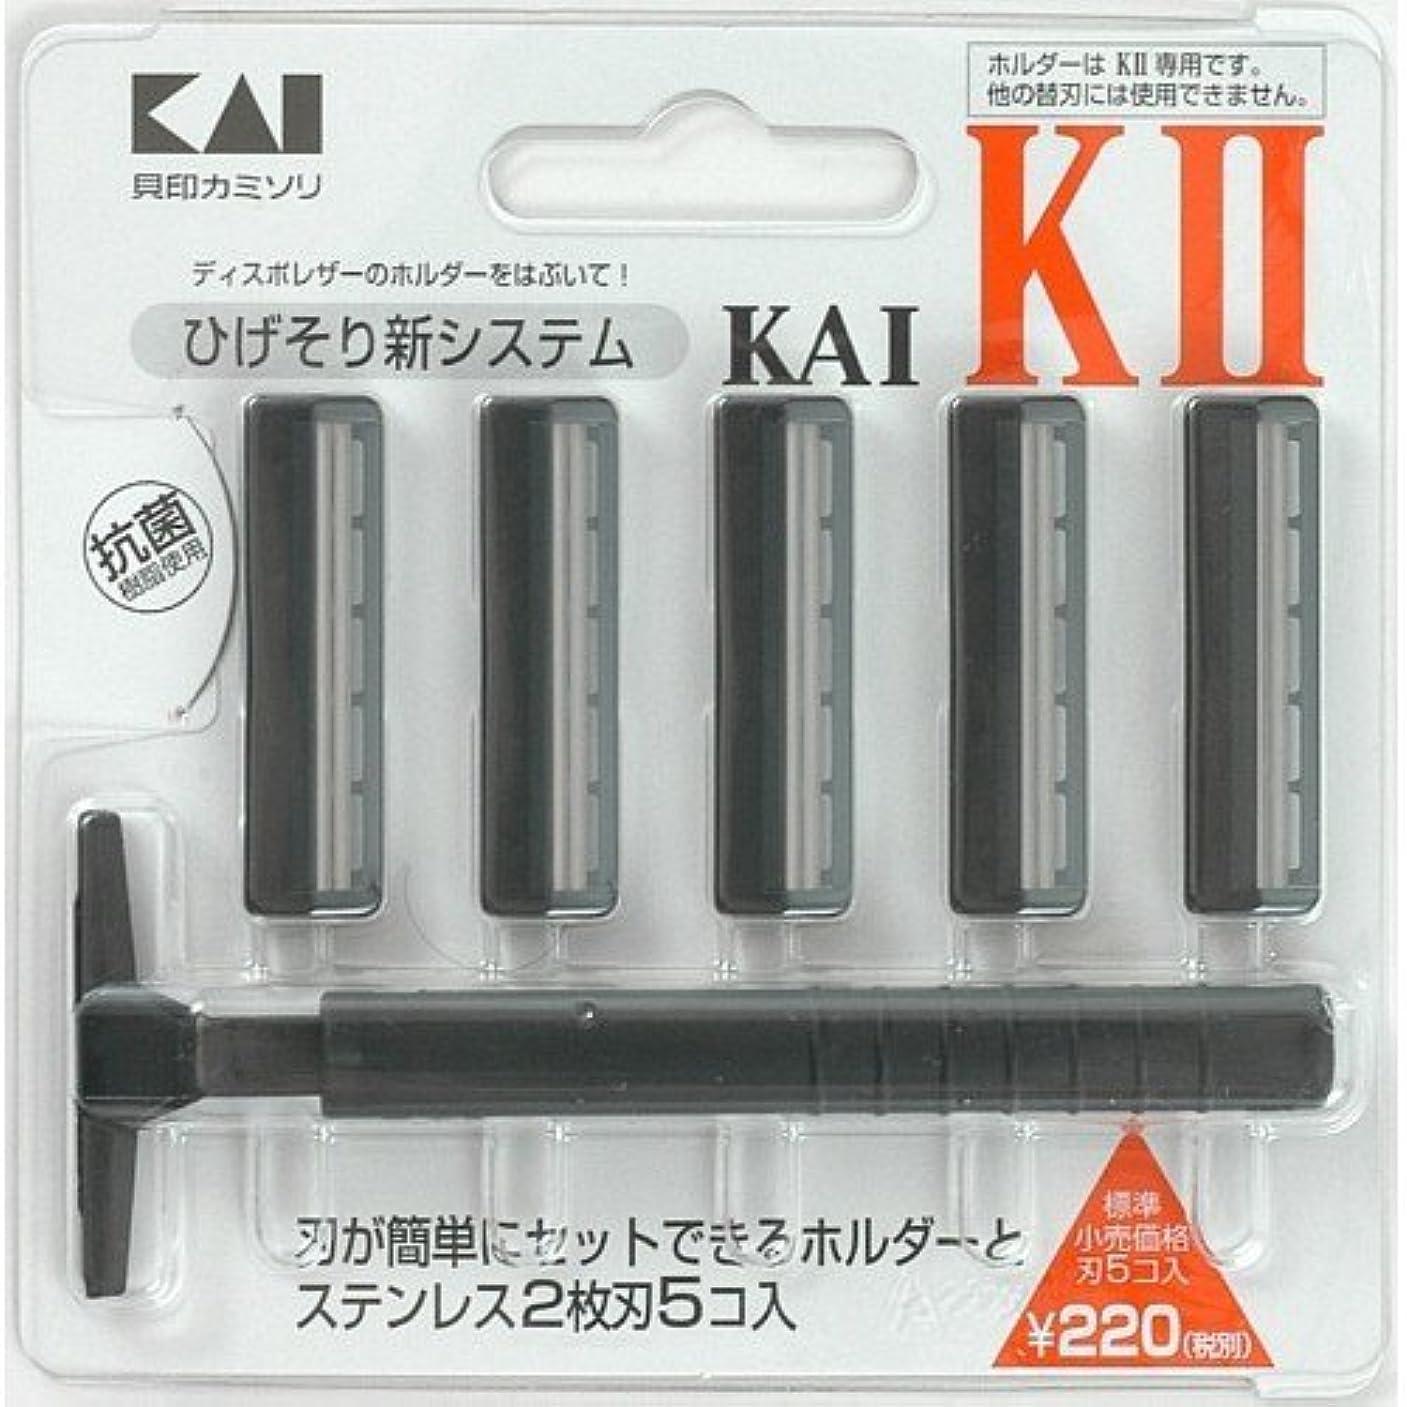 価格表示情熱的K-2 使い捨てカミソリ ホルダー+5個入